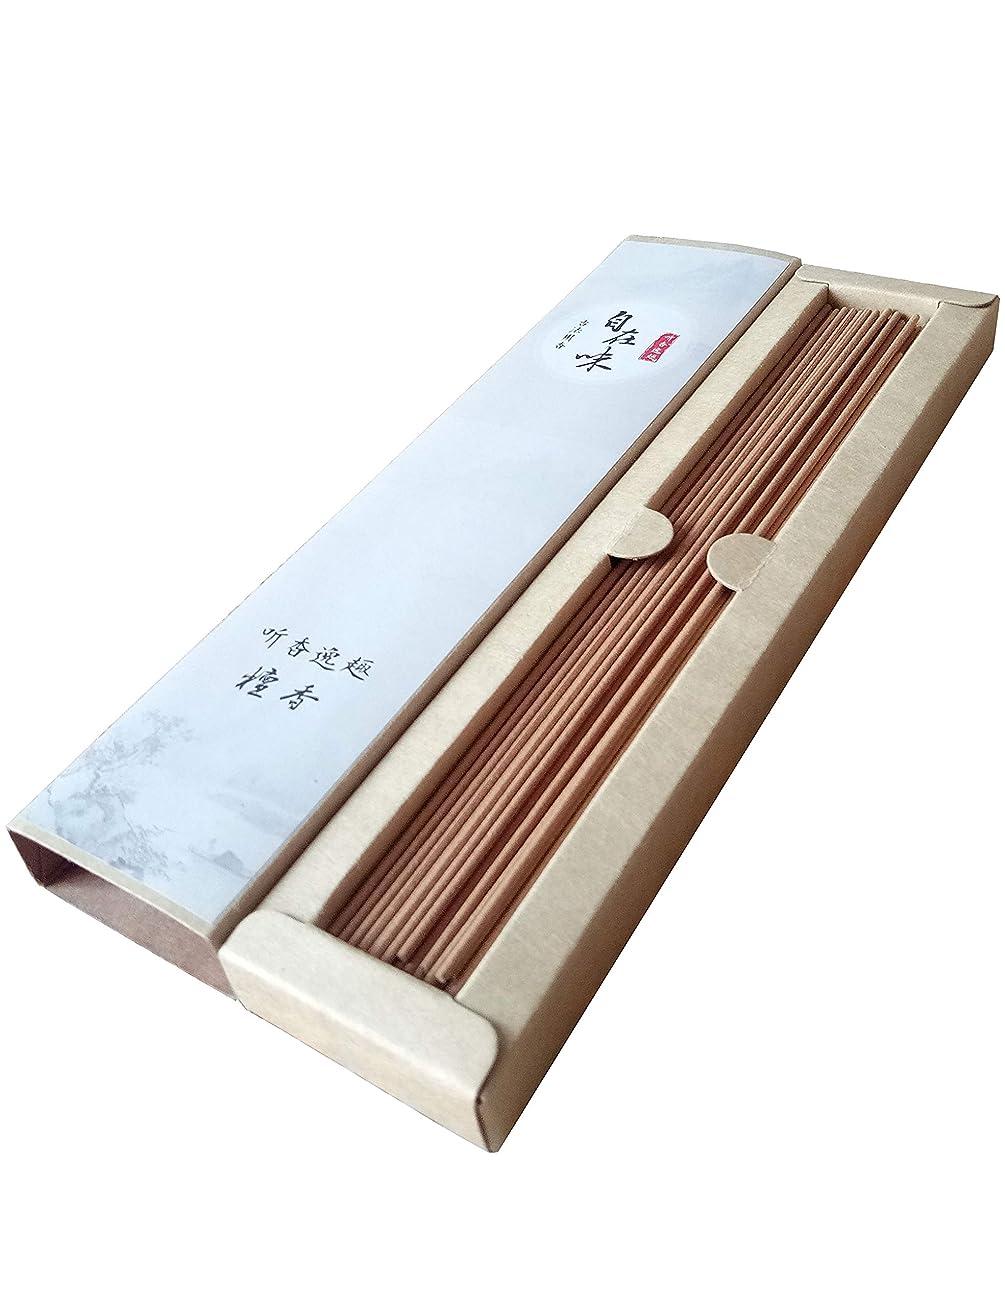 余裕がある水没オゾンお線香 天然素材 煙の少ない 白檀 お徳用 (长寸21cm 85本入)